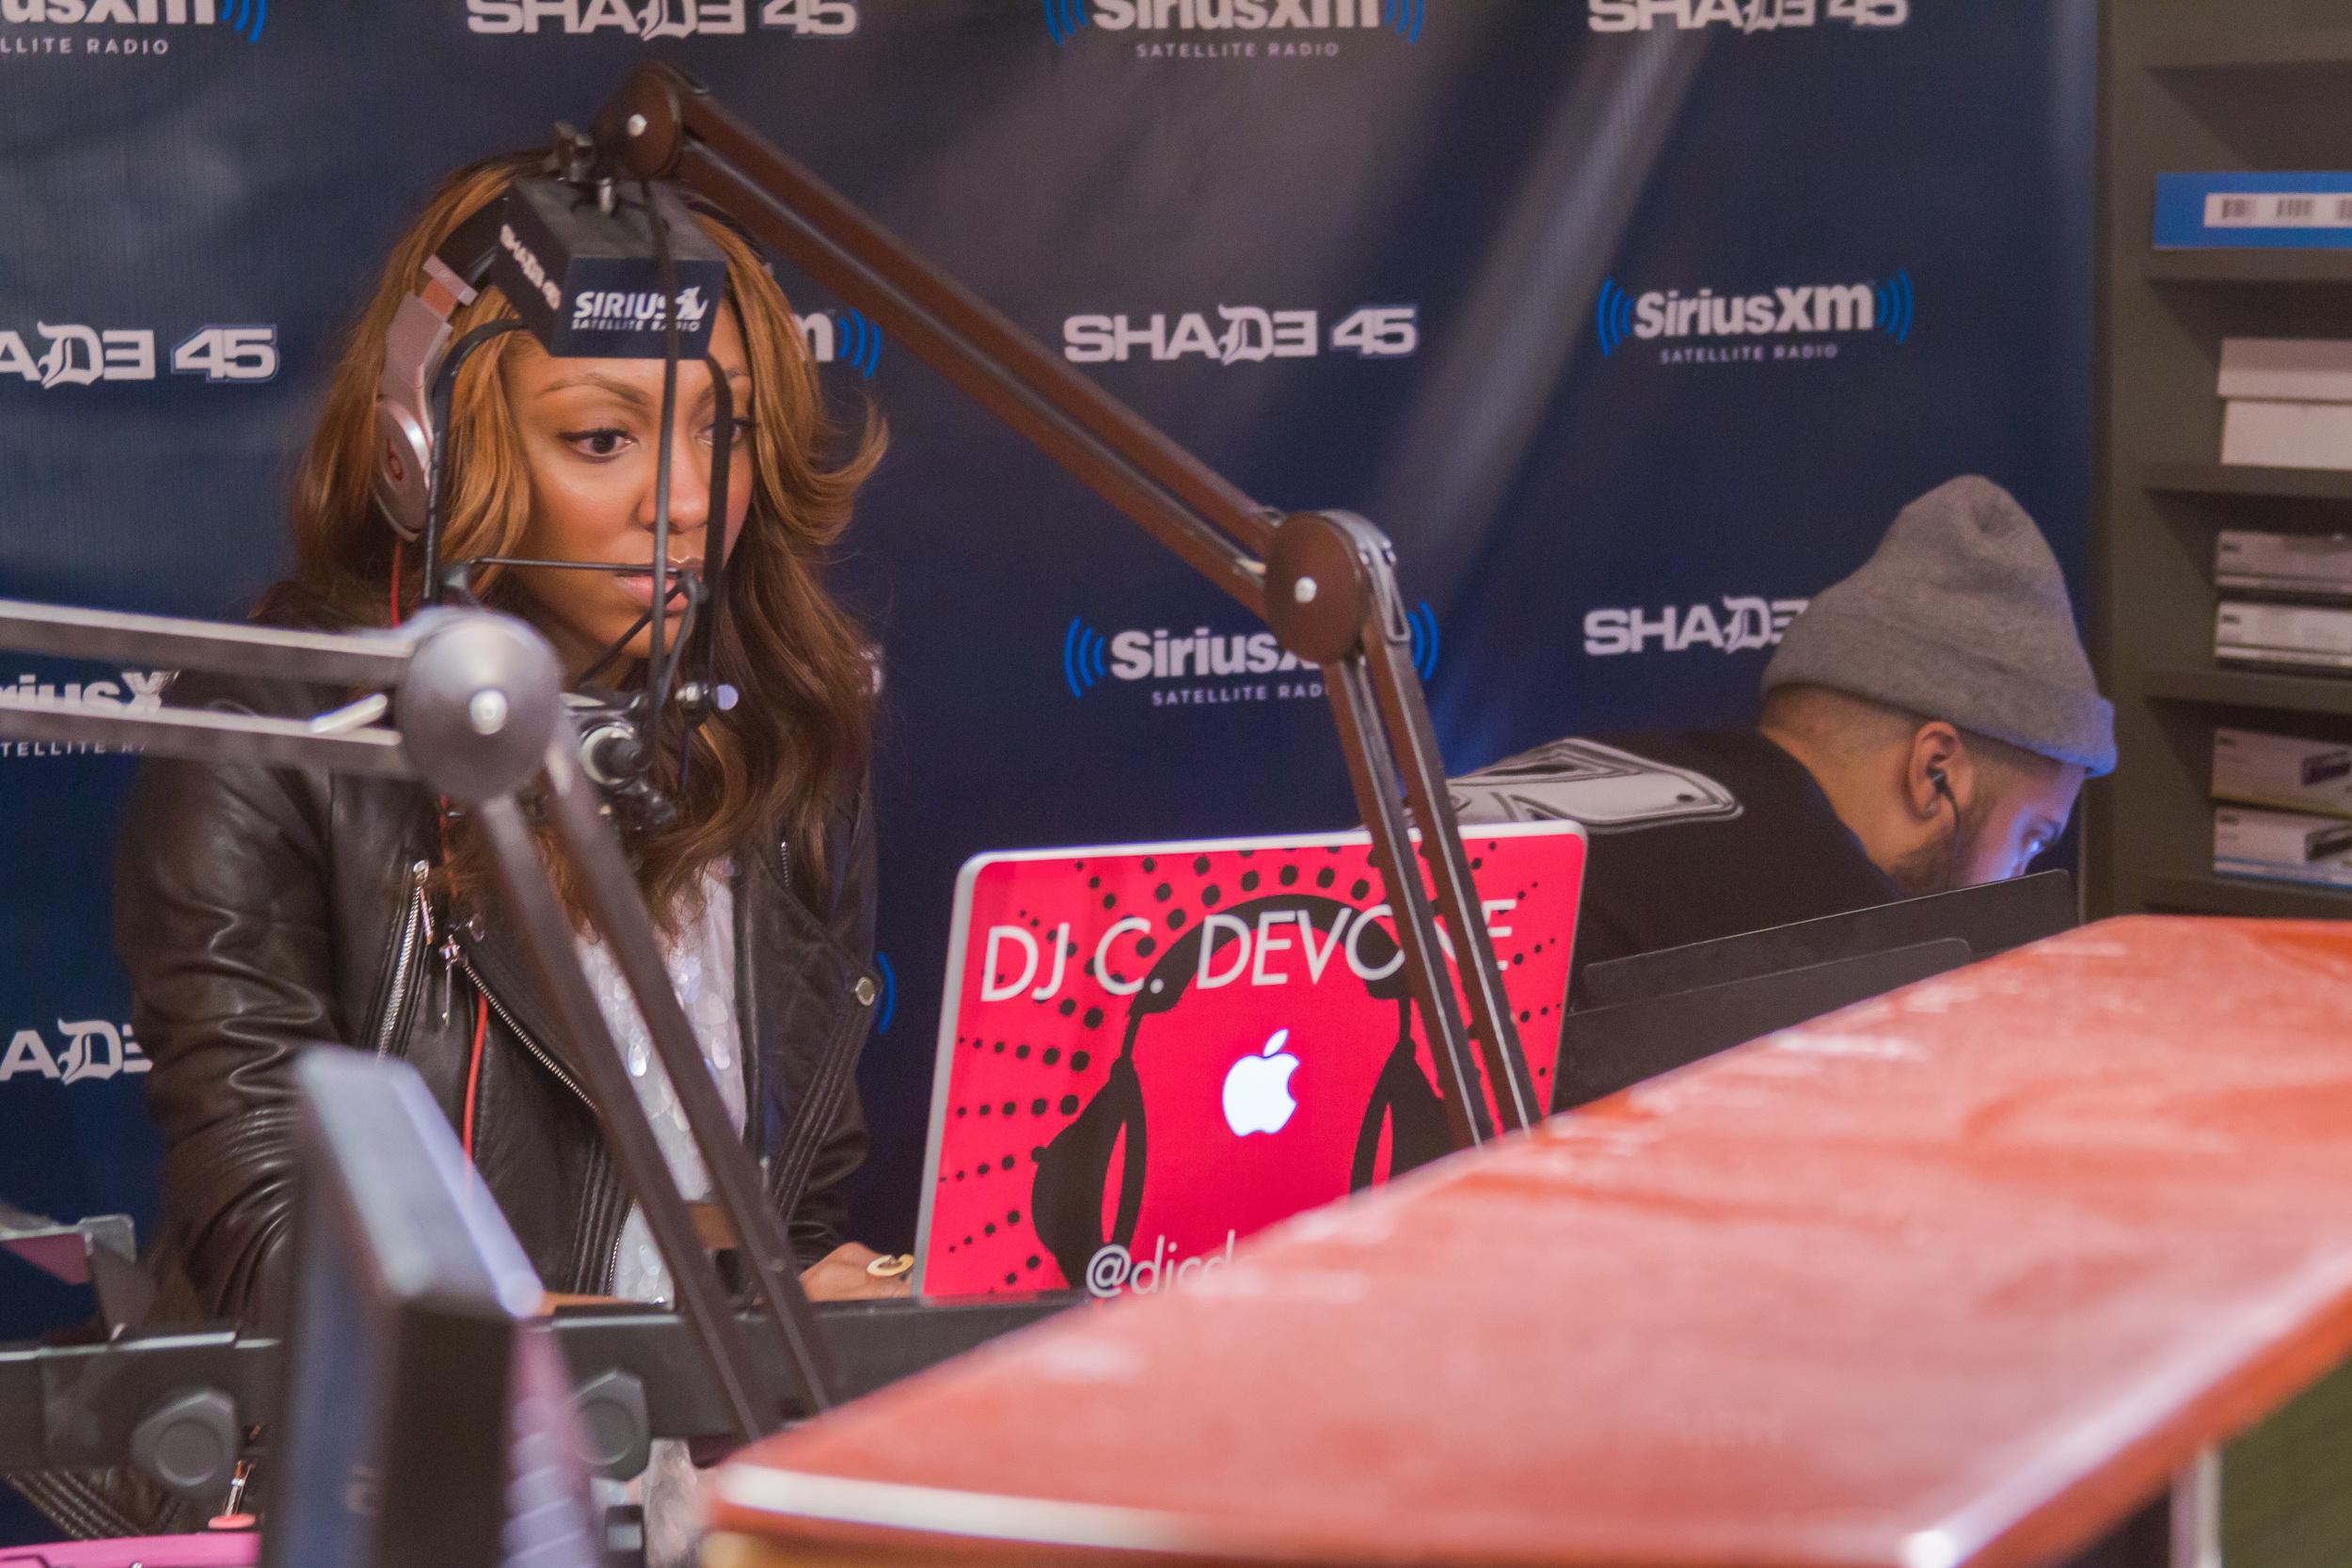 DJ C. DeVone at Sway in the Morning (3.18.15)-11.jpg